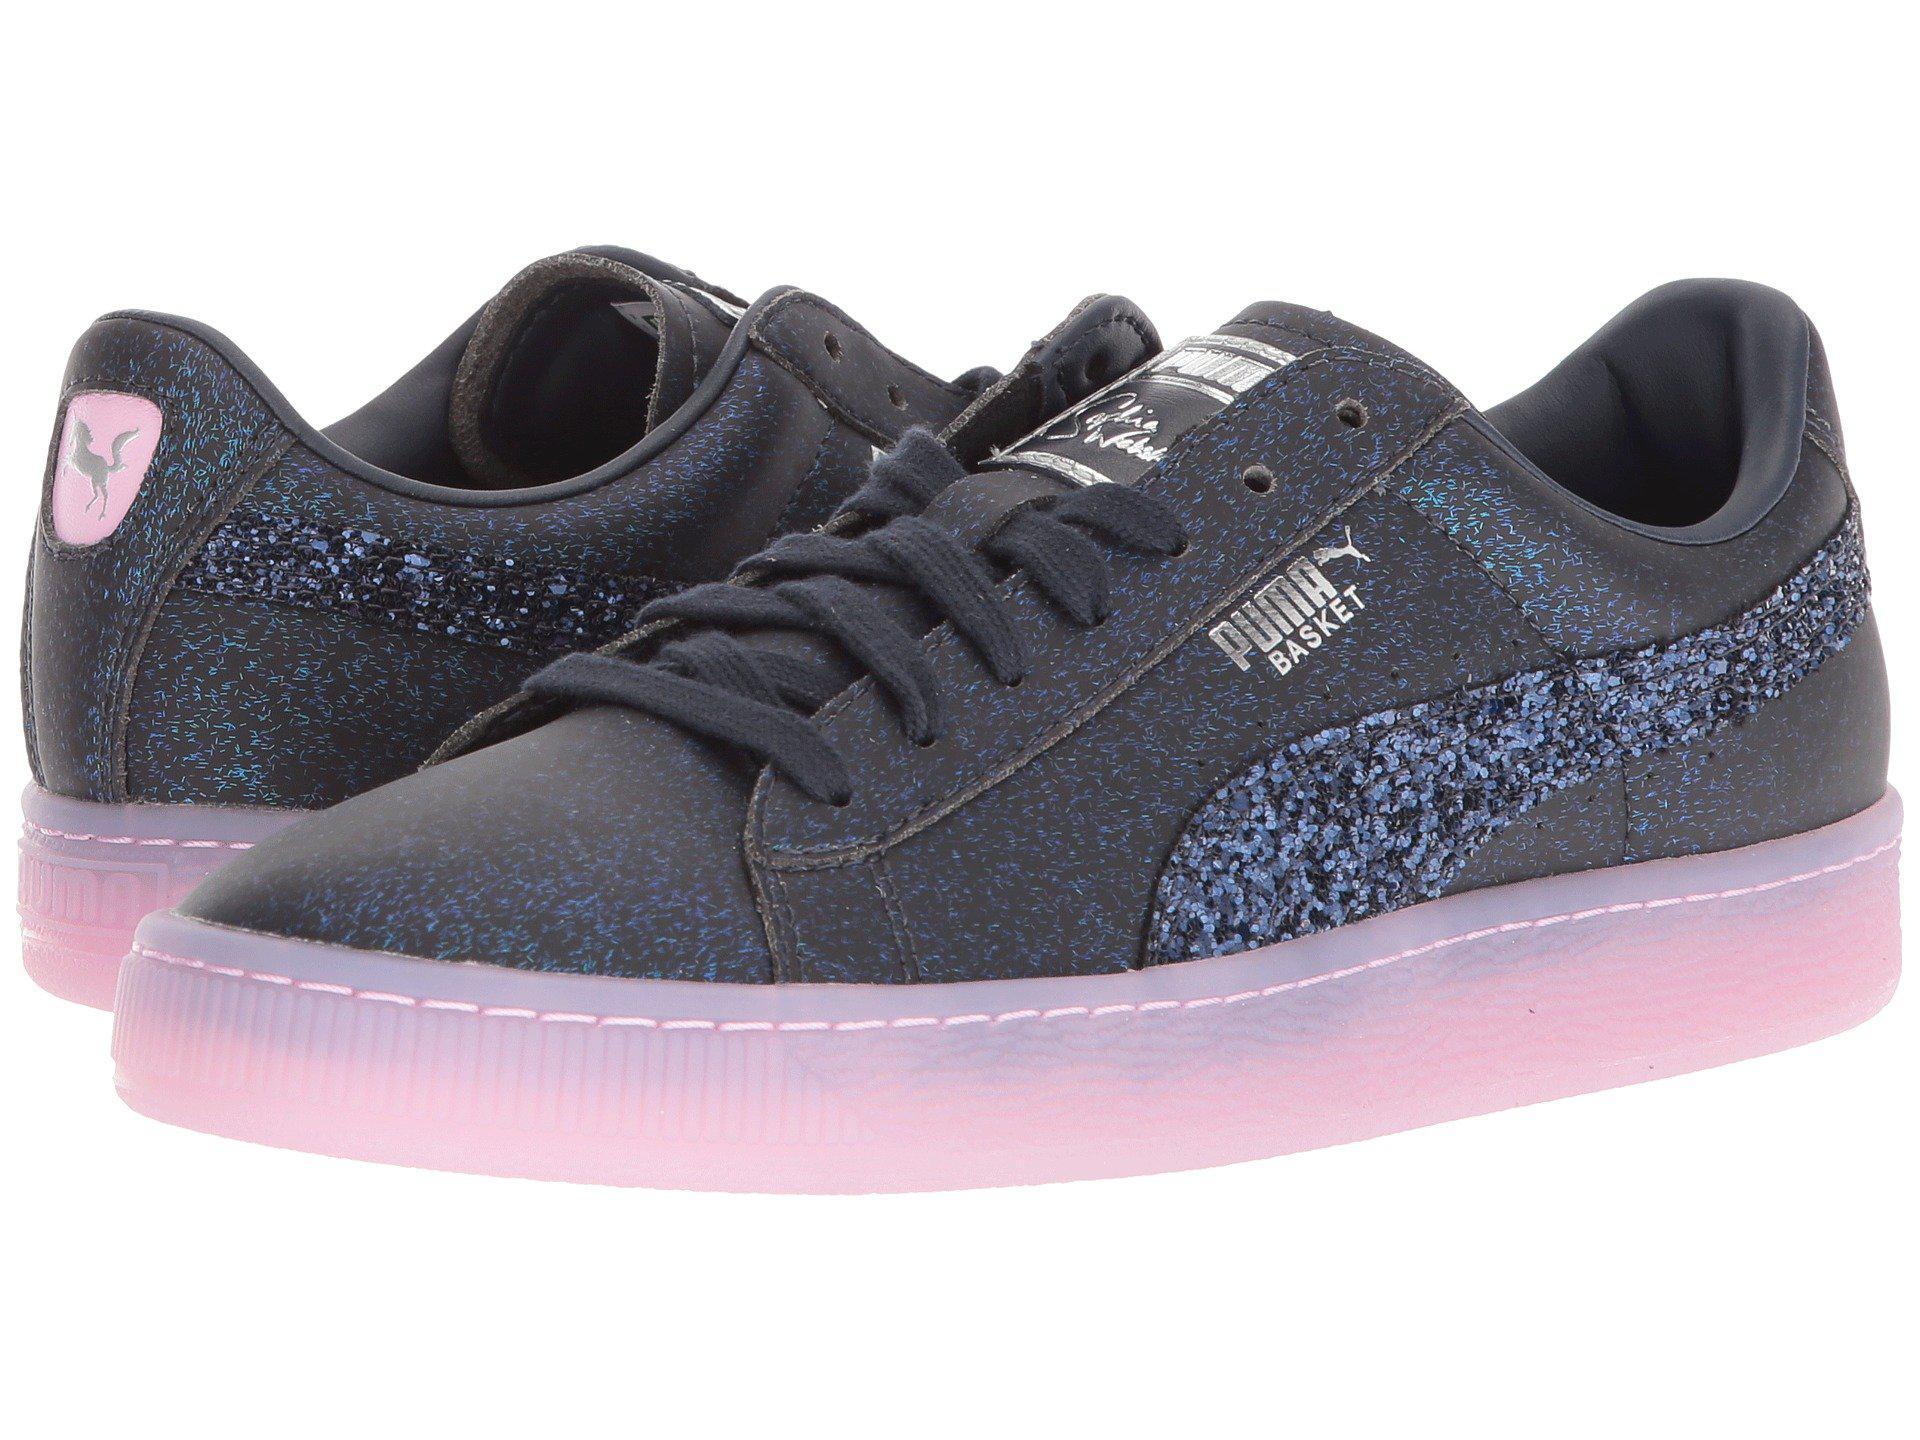 PUMA. Women's X Sophia Webster Basket Glitter Princess Sneaker